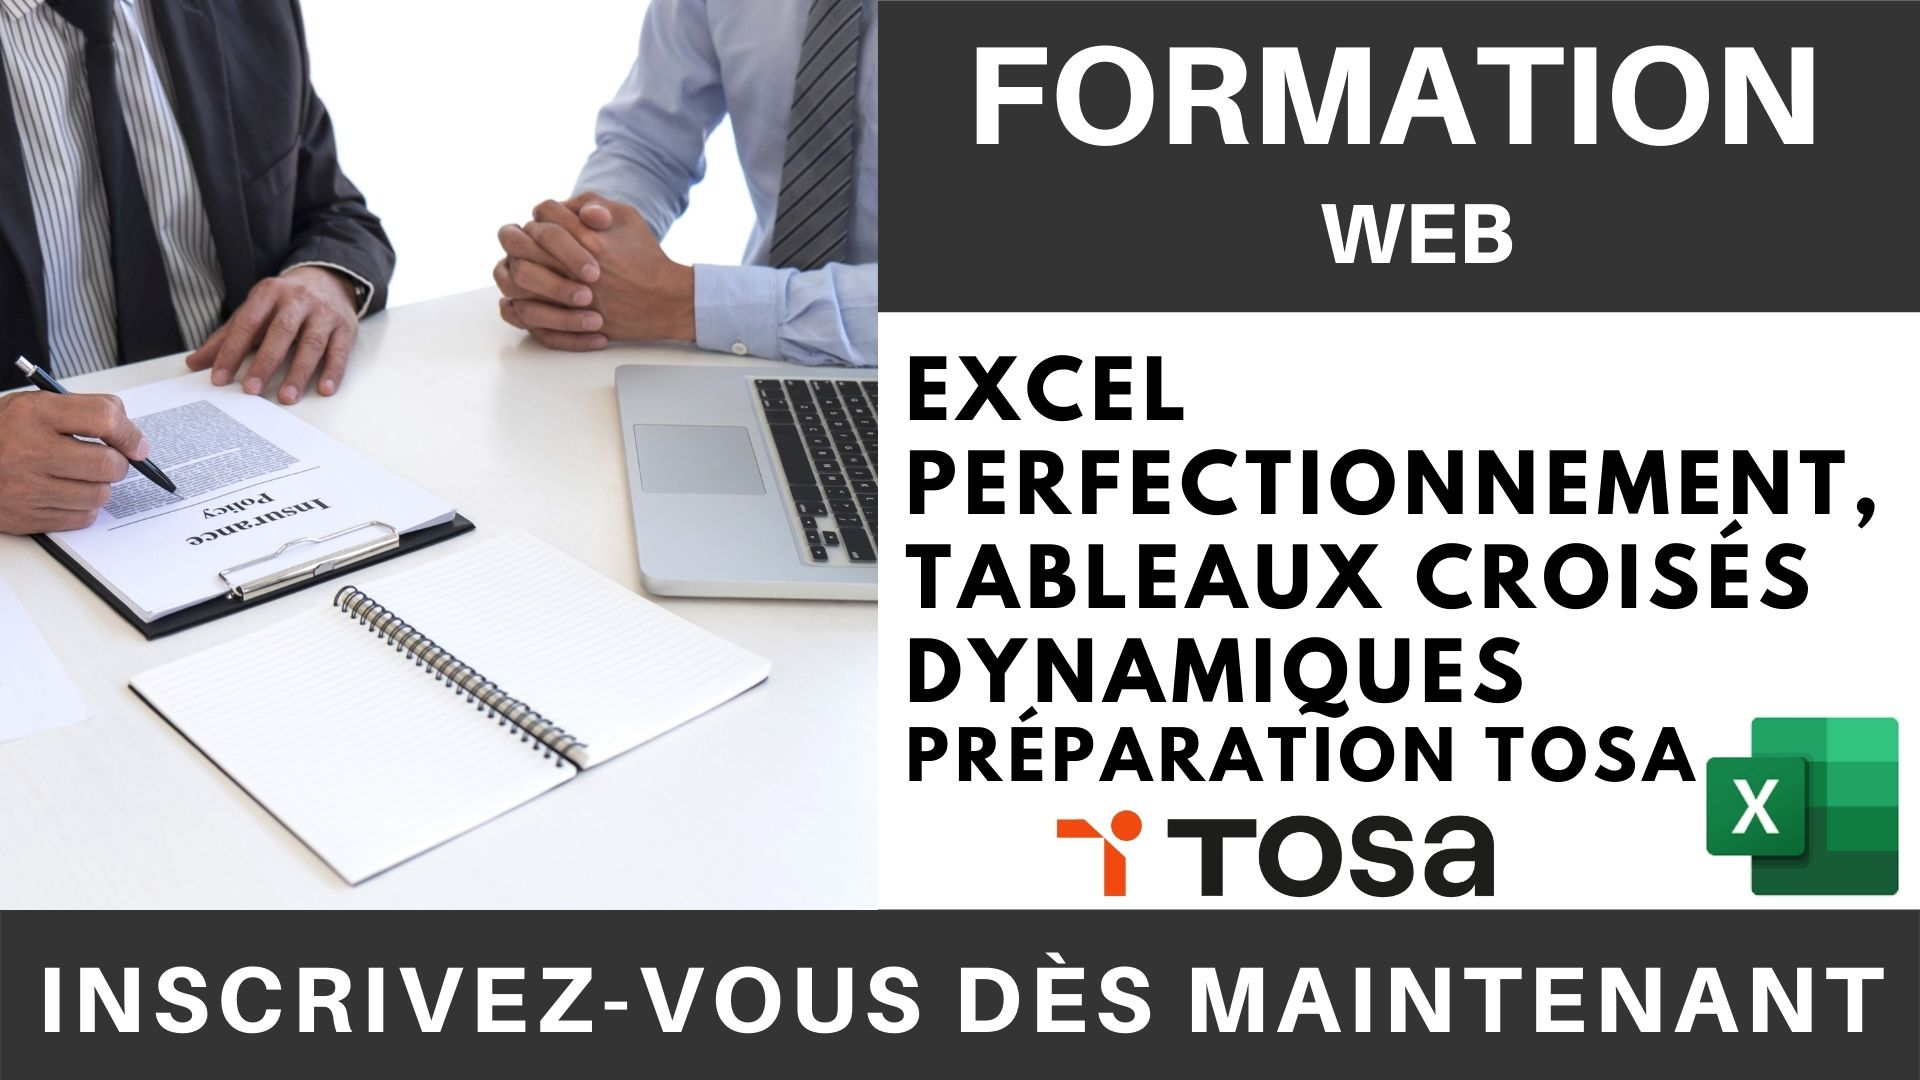 Formation WEB - Excel Perfectionnement, Tableaux croisés dynamiques - Préparation TOSA